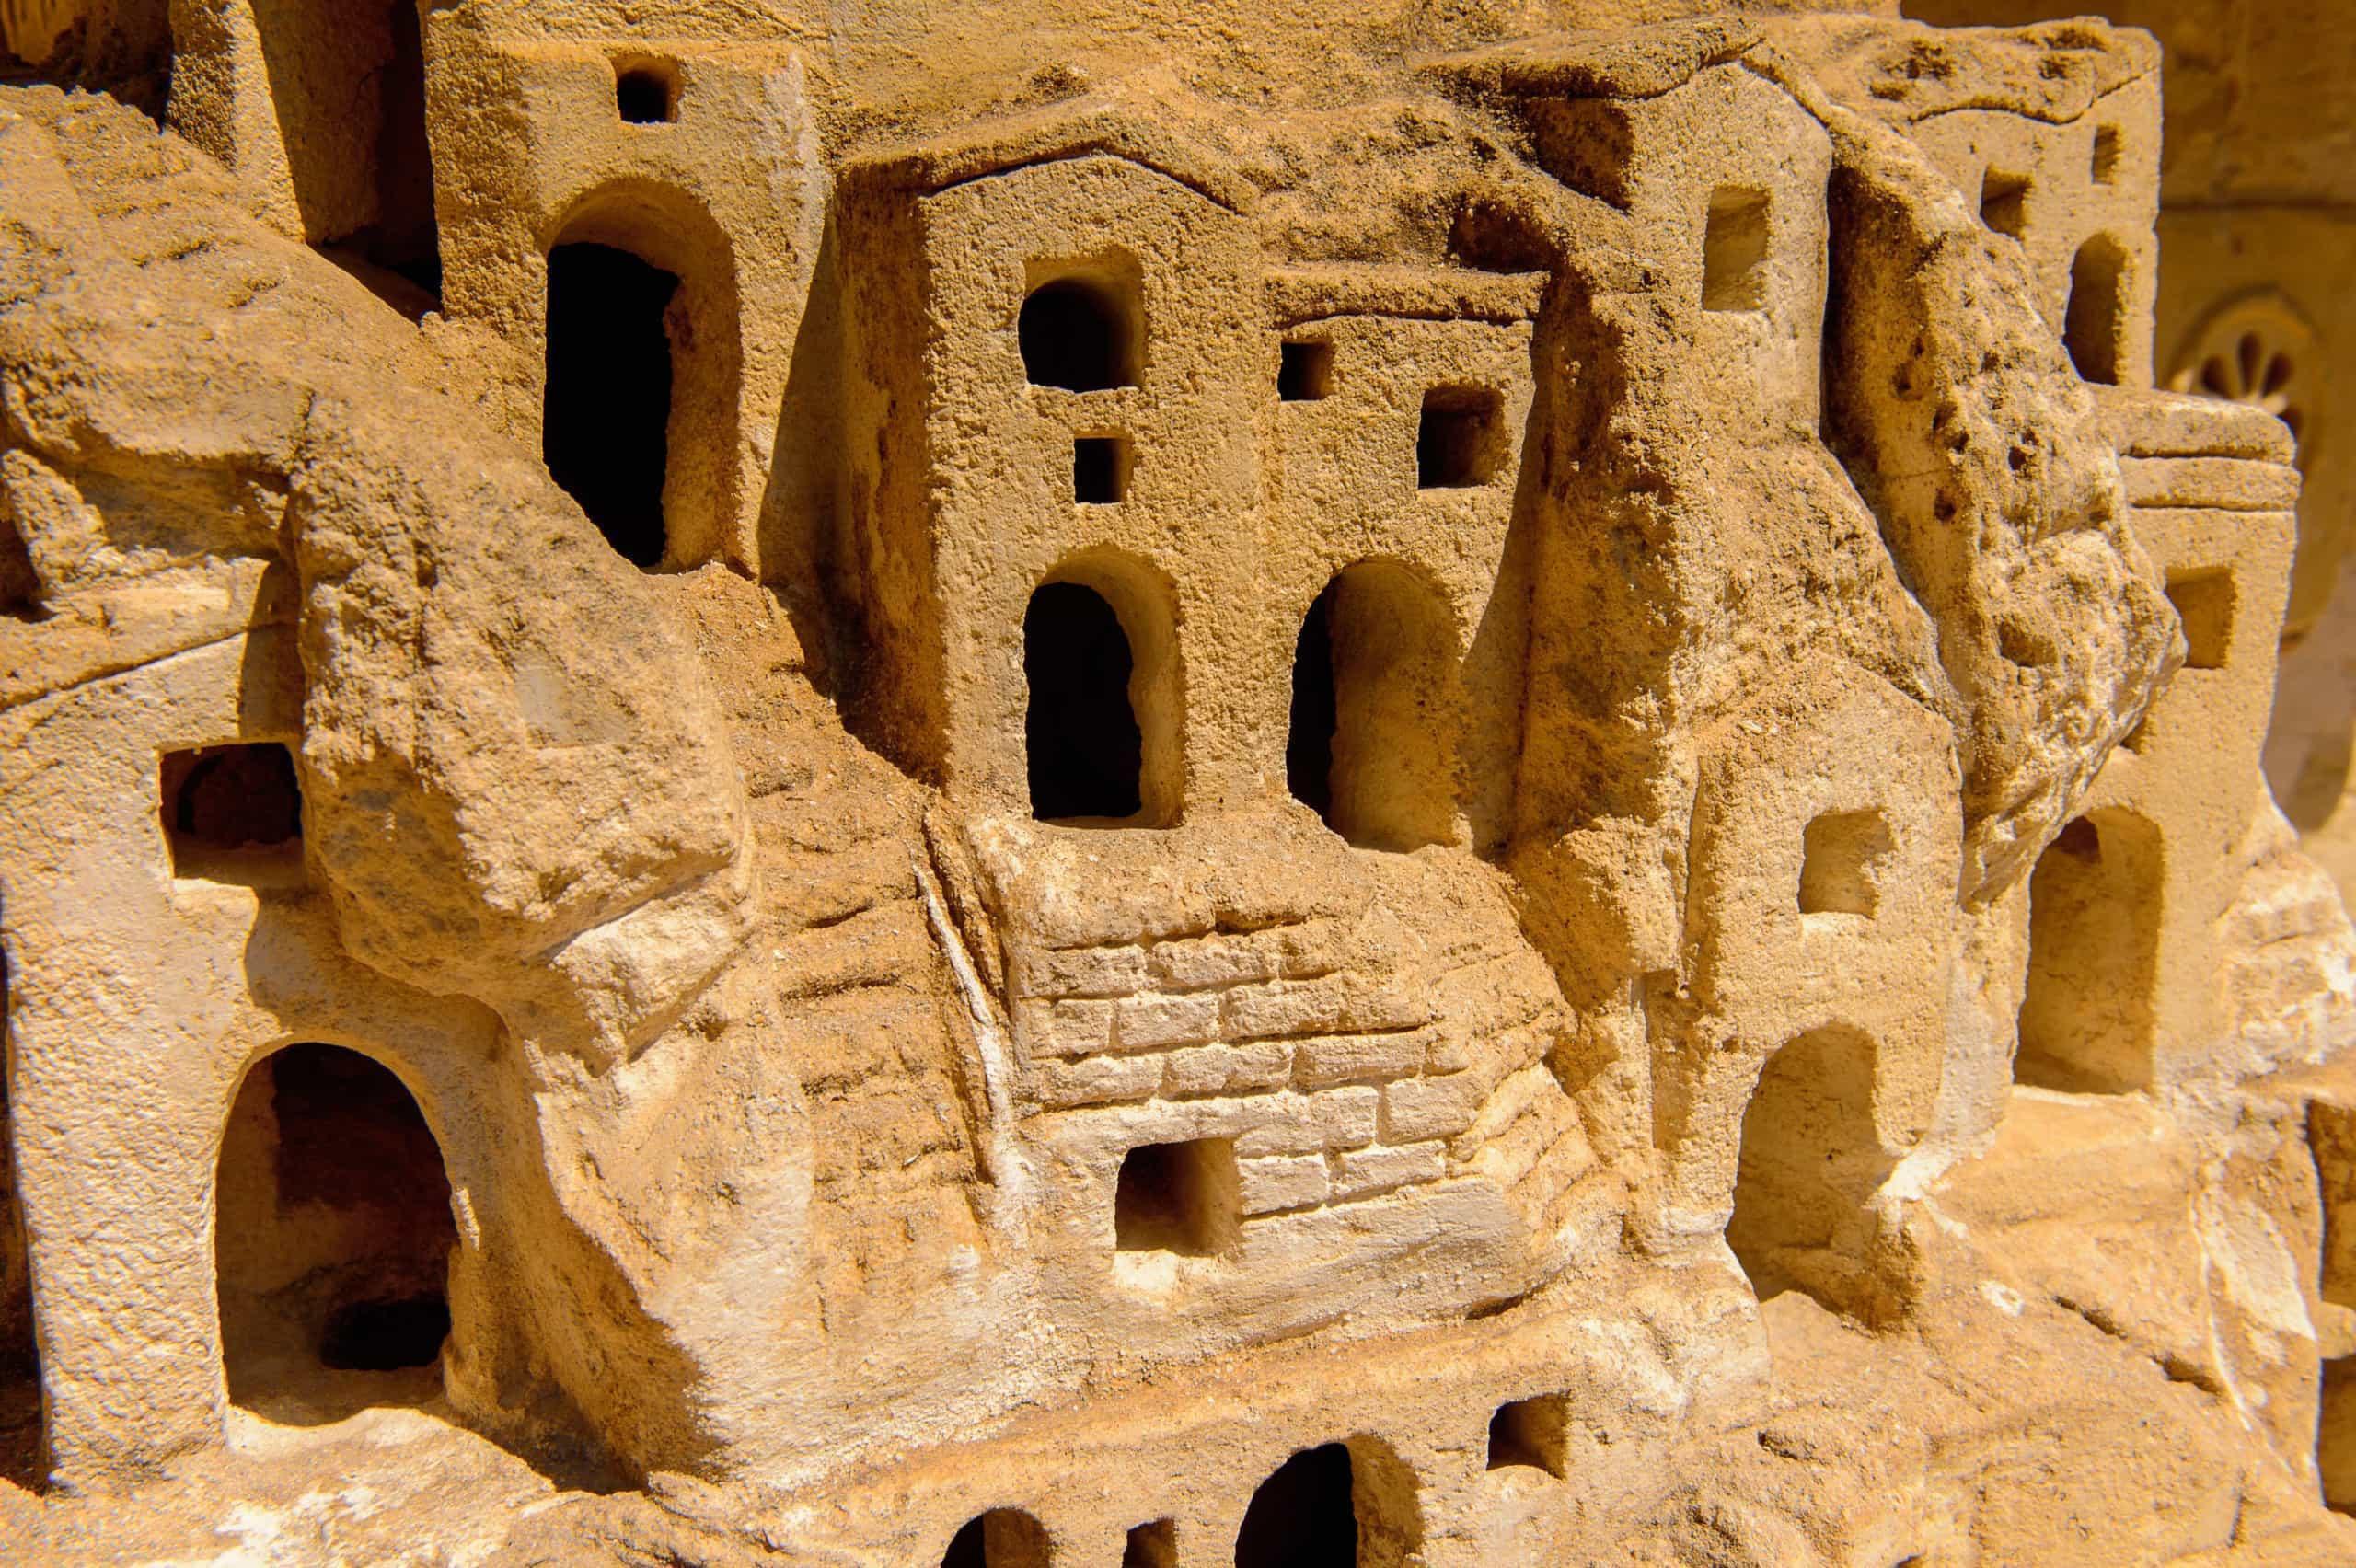 7 cidades subterrâneas onde pessoas realmente já viveram